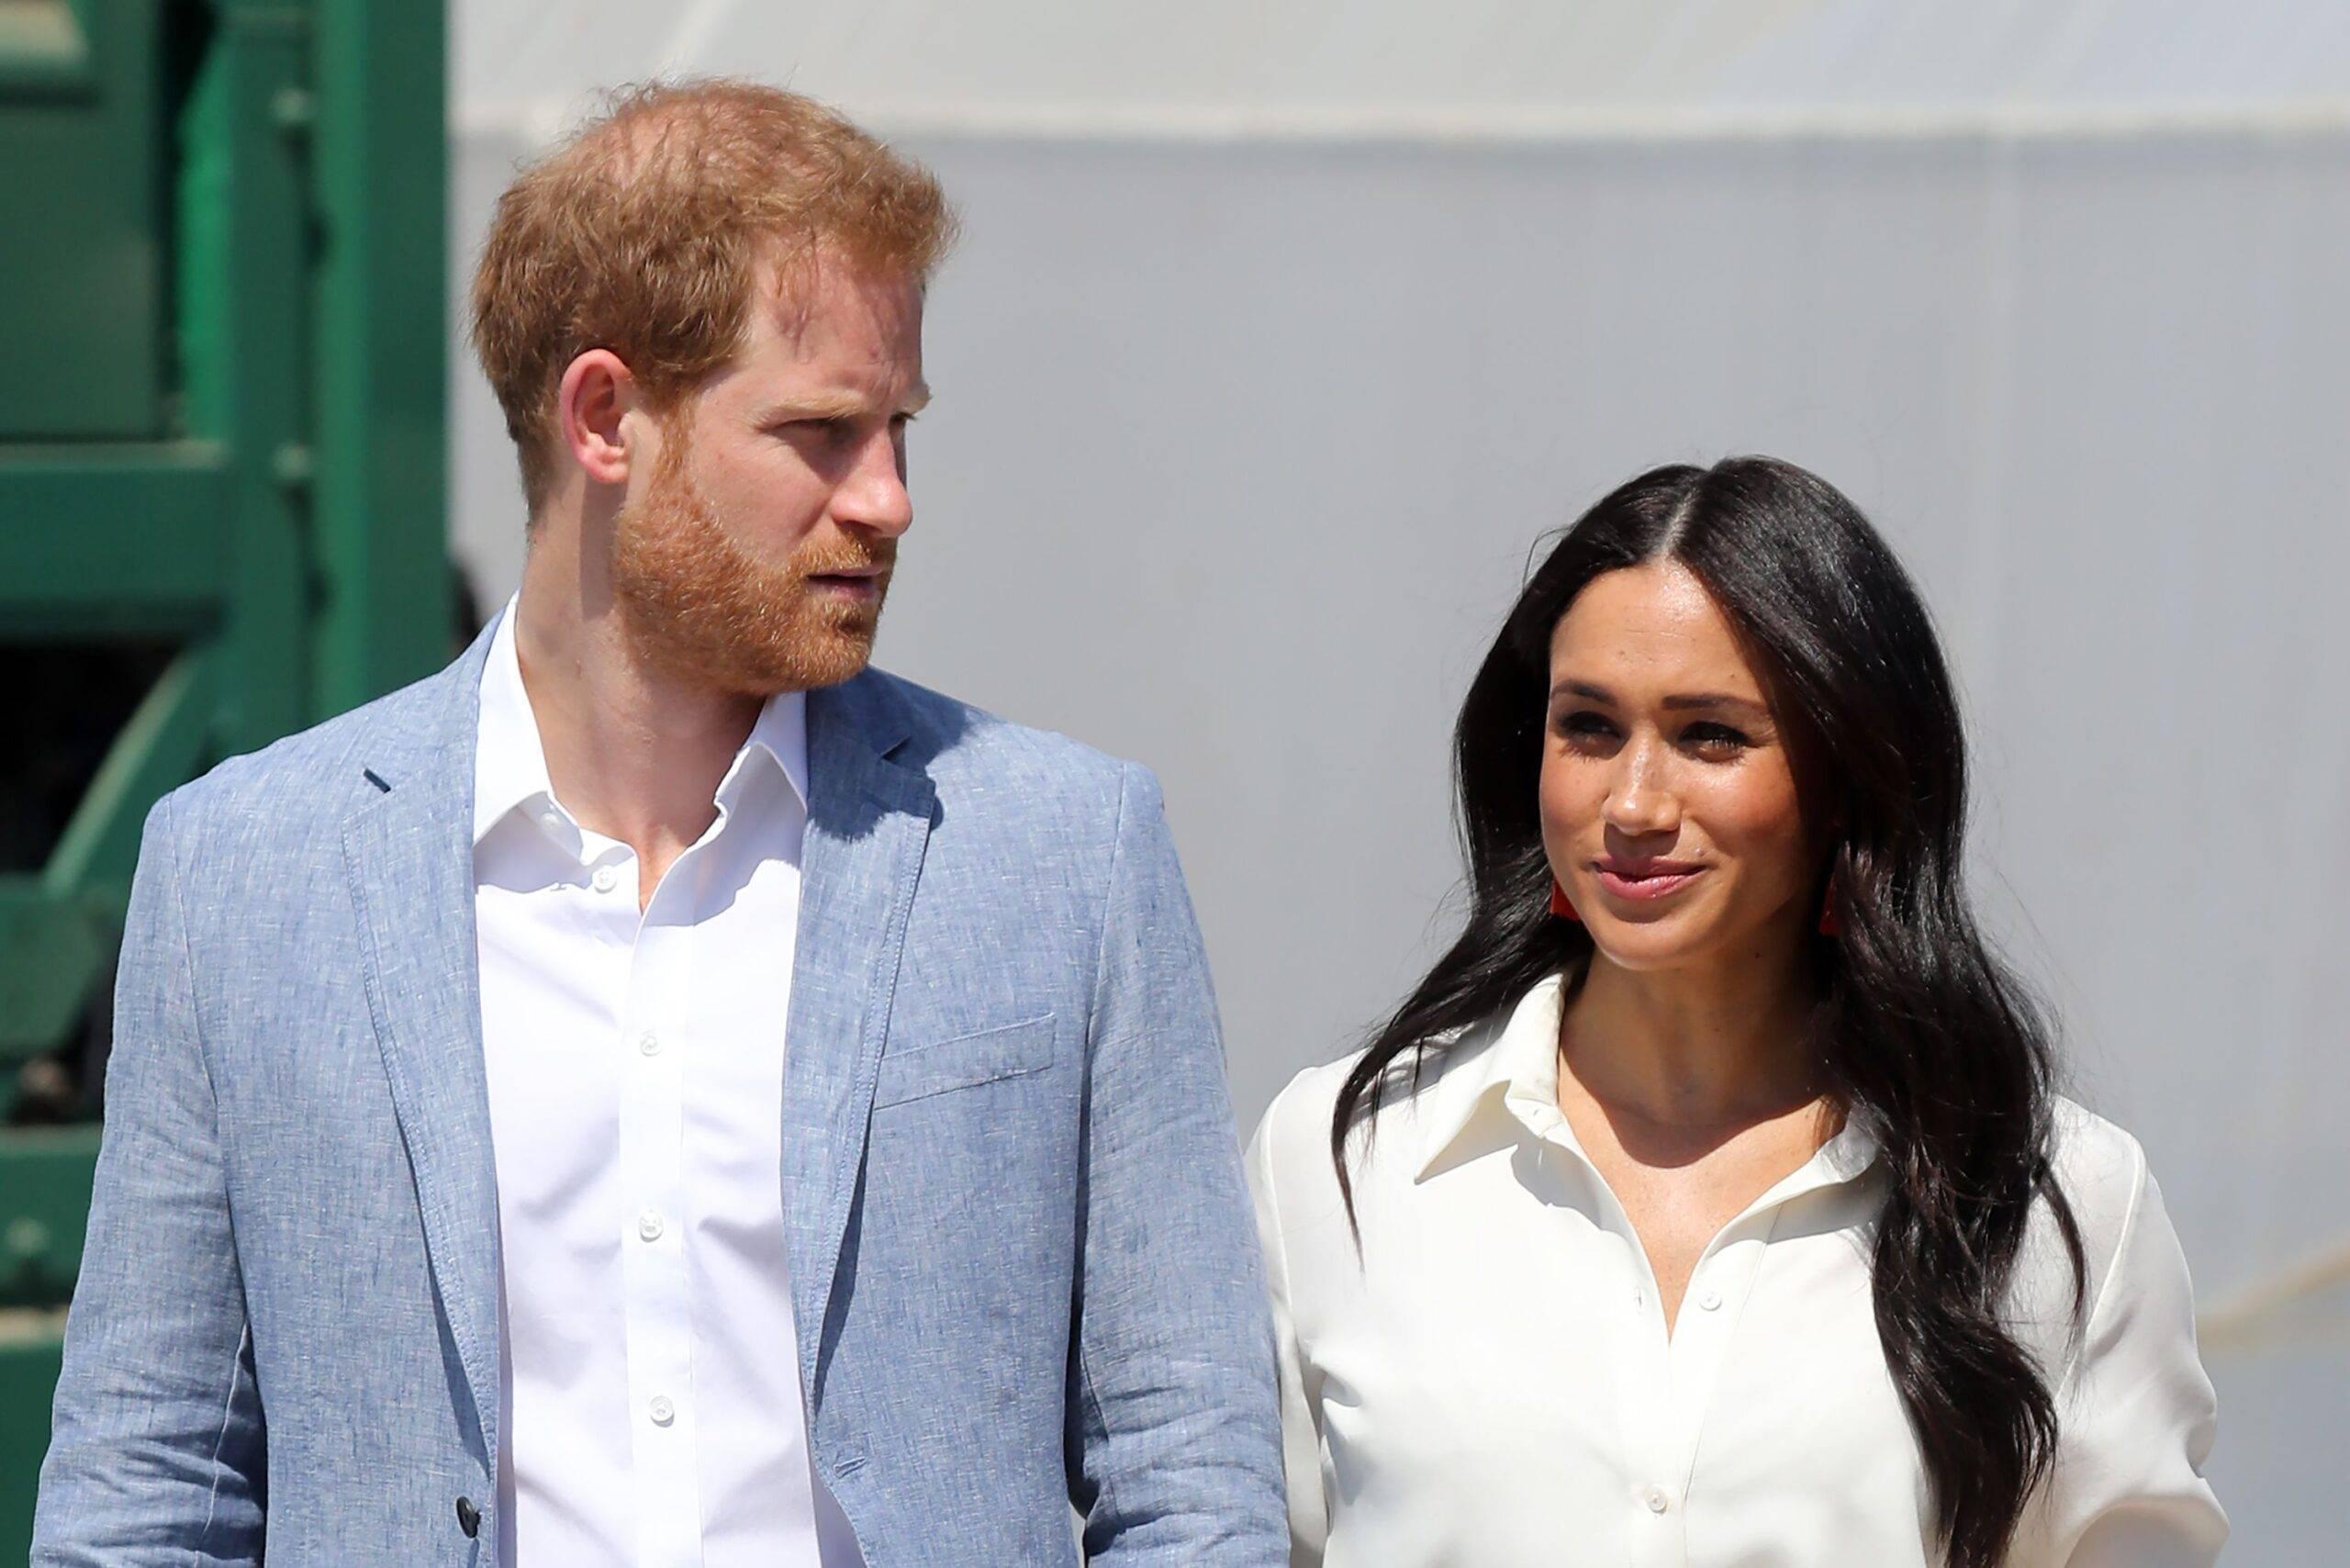 Prințul Harry și soția sa, Meghan Markle, au luat o altă decizie care a șocat pe toată lumea